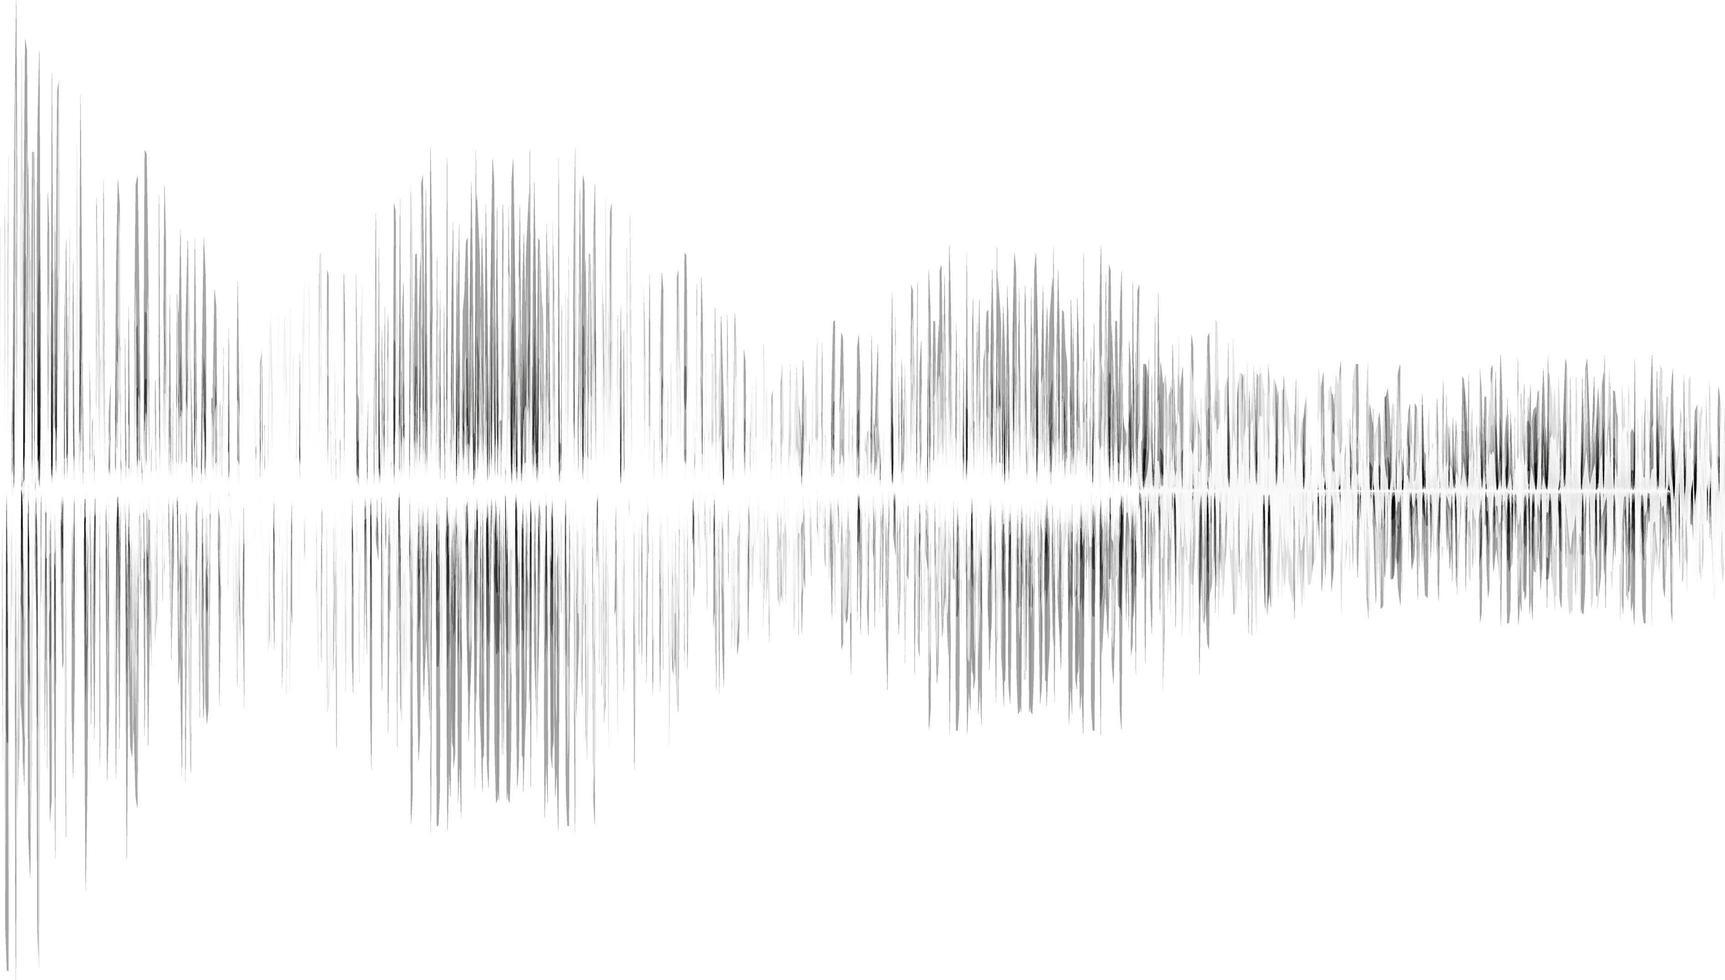 sfocatura dello sfondo nero dell'onda sonora vettore